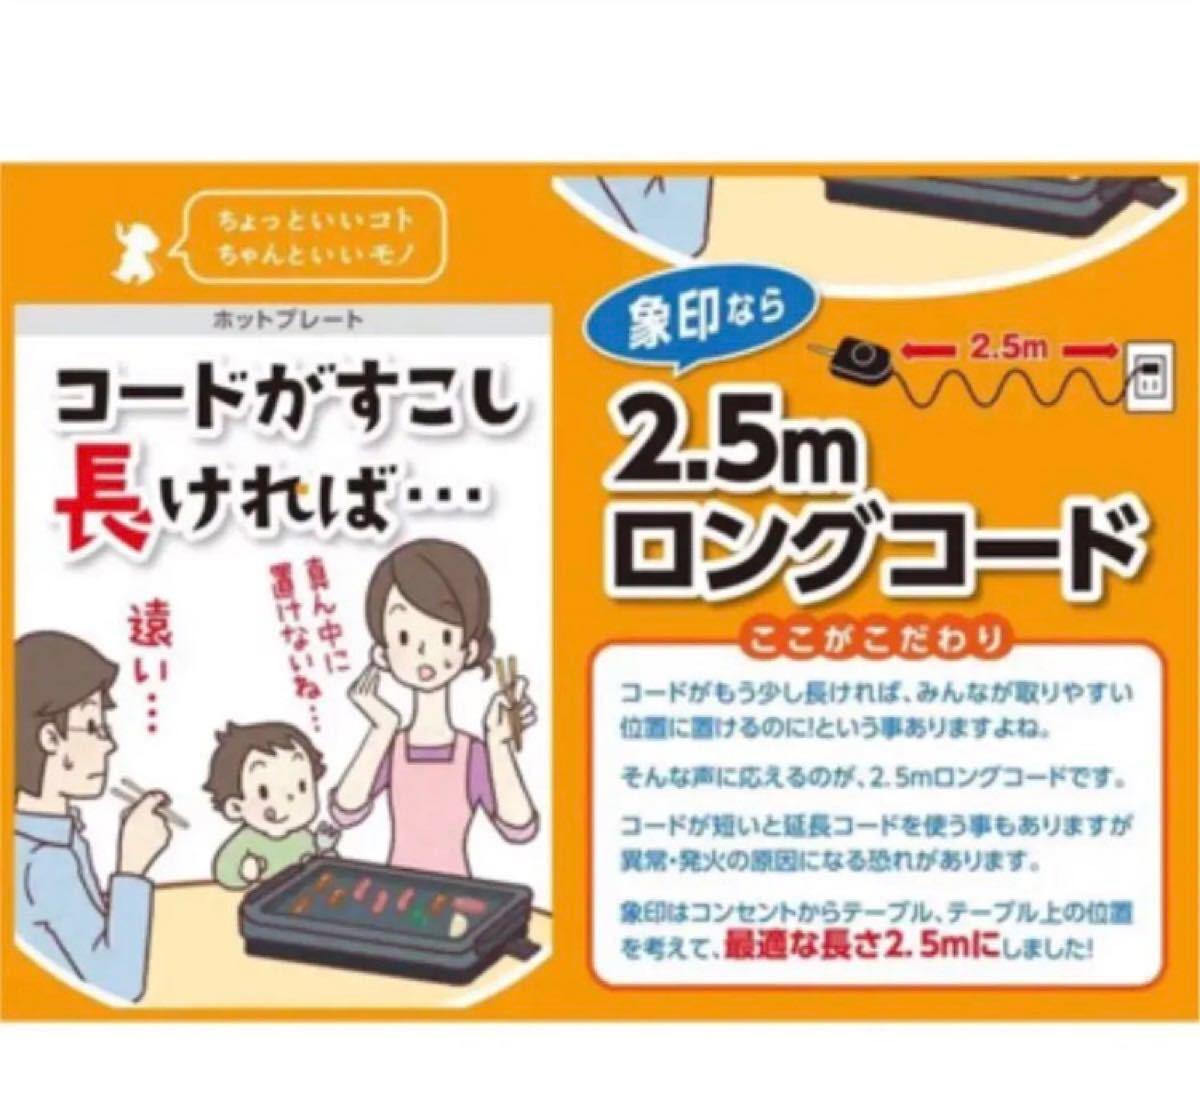 ホットプレート 象印 3枚プレート やきやき EA-EU30-TA[ブラウン]ZOJIRUSHI 残り一個